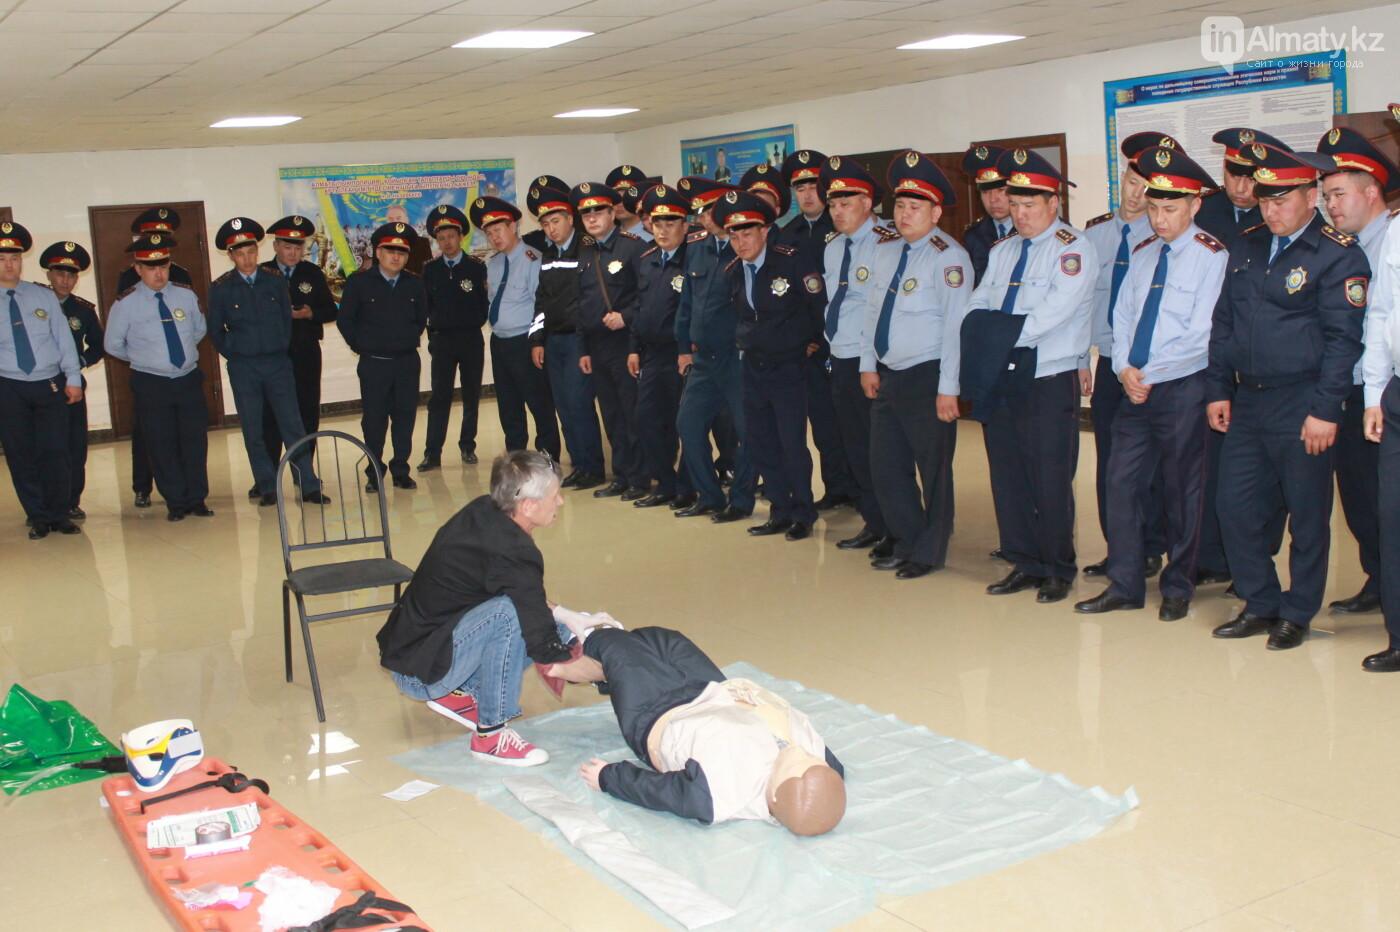 Водителей автобусов и полицейских Алматы учат оказывать первую помощь при ДТП, фото-11